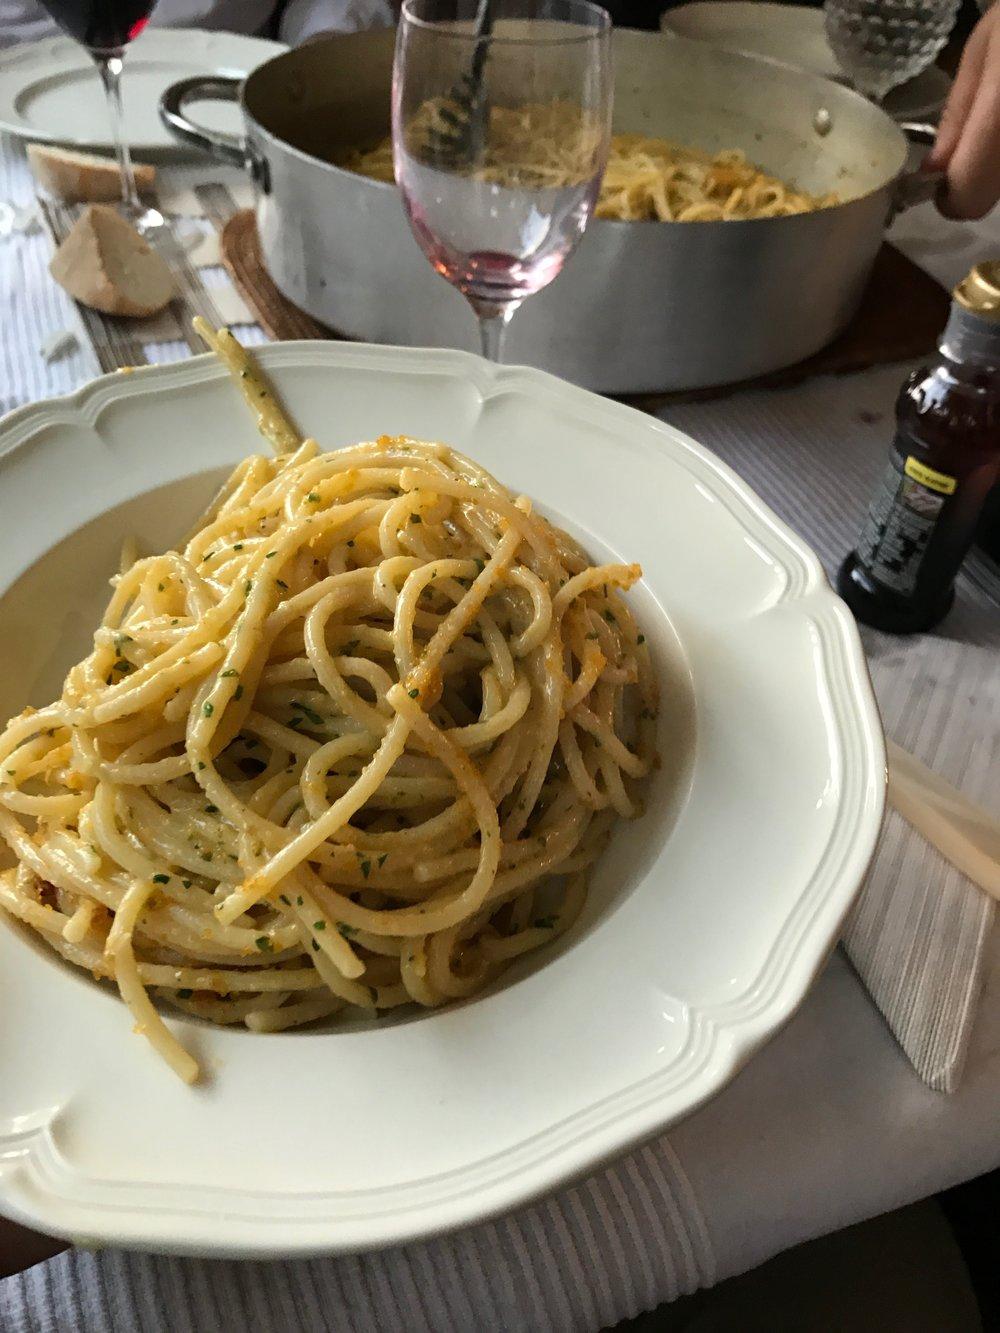 Toia Italiaanse catering maakt ook bottarga